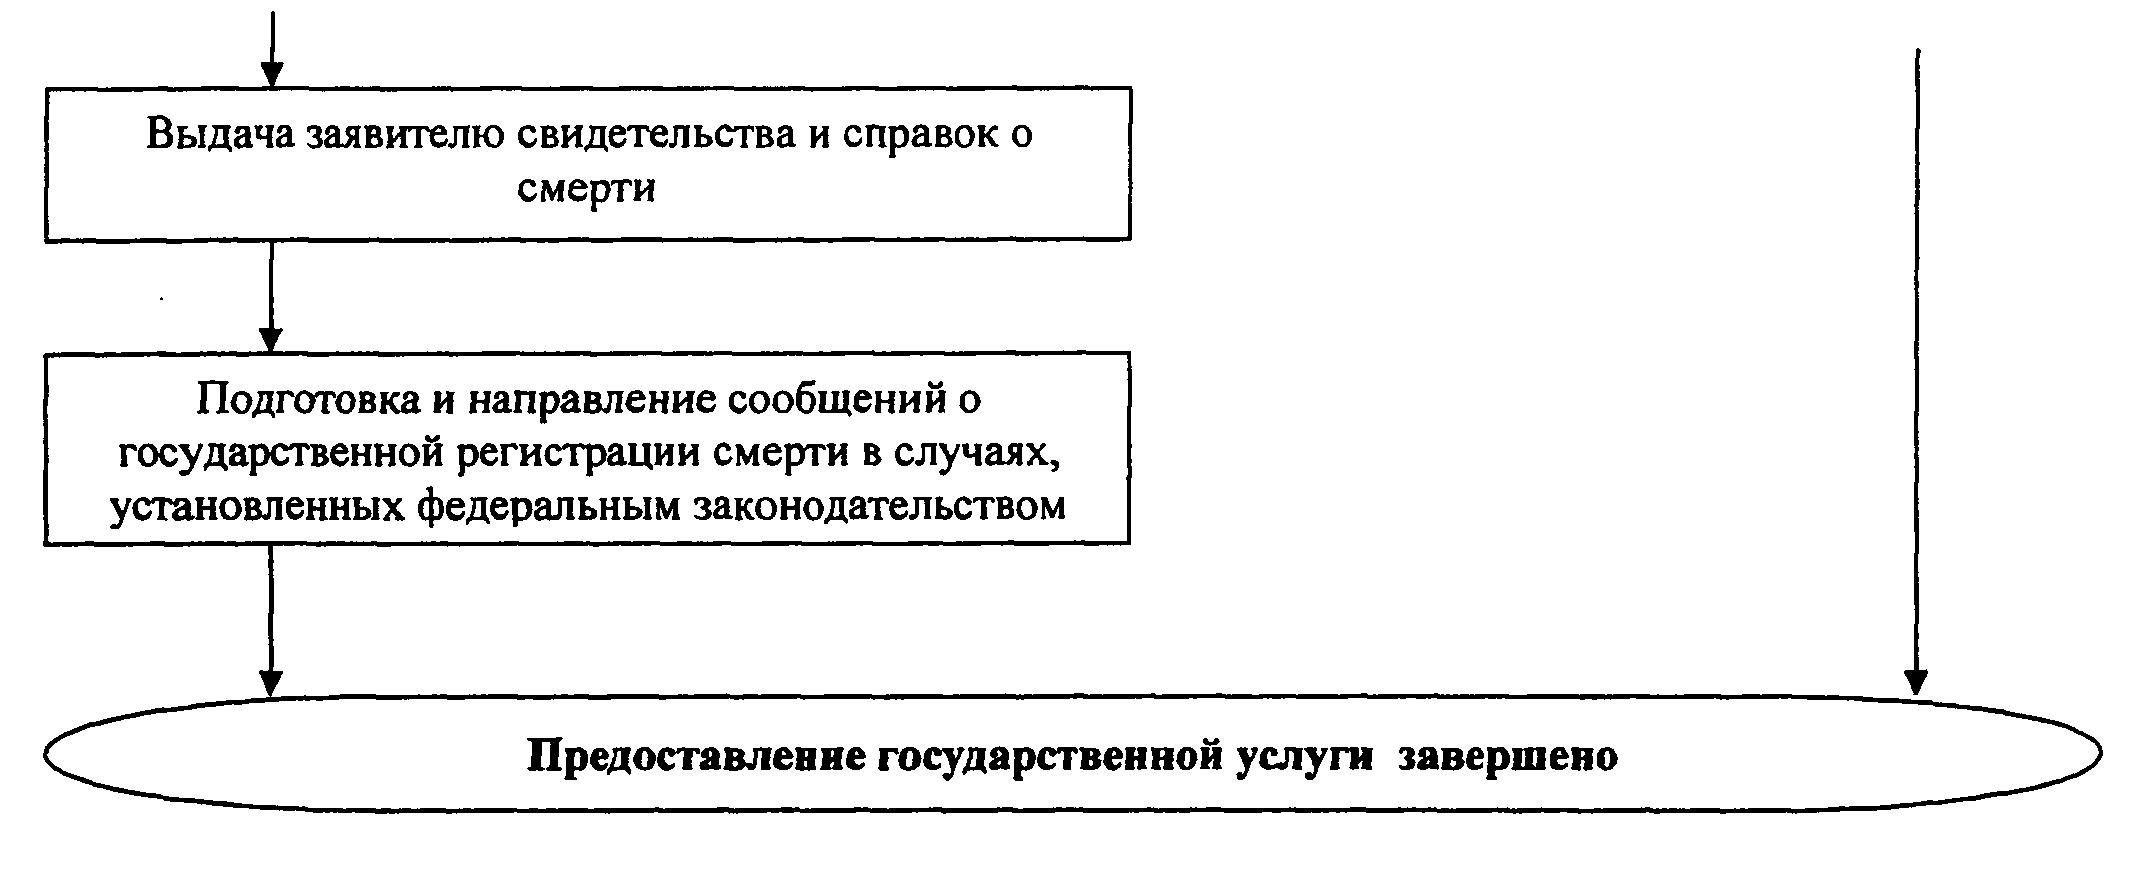 РИС. 17 К ПРИКАЗУ МИНЮСТА РФ ОТ 29.11.2011 N 412